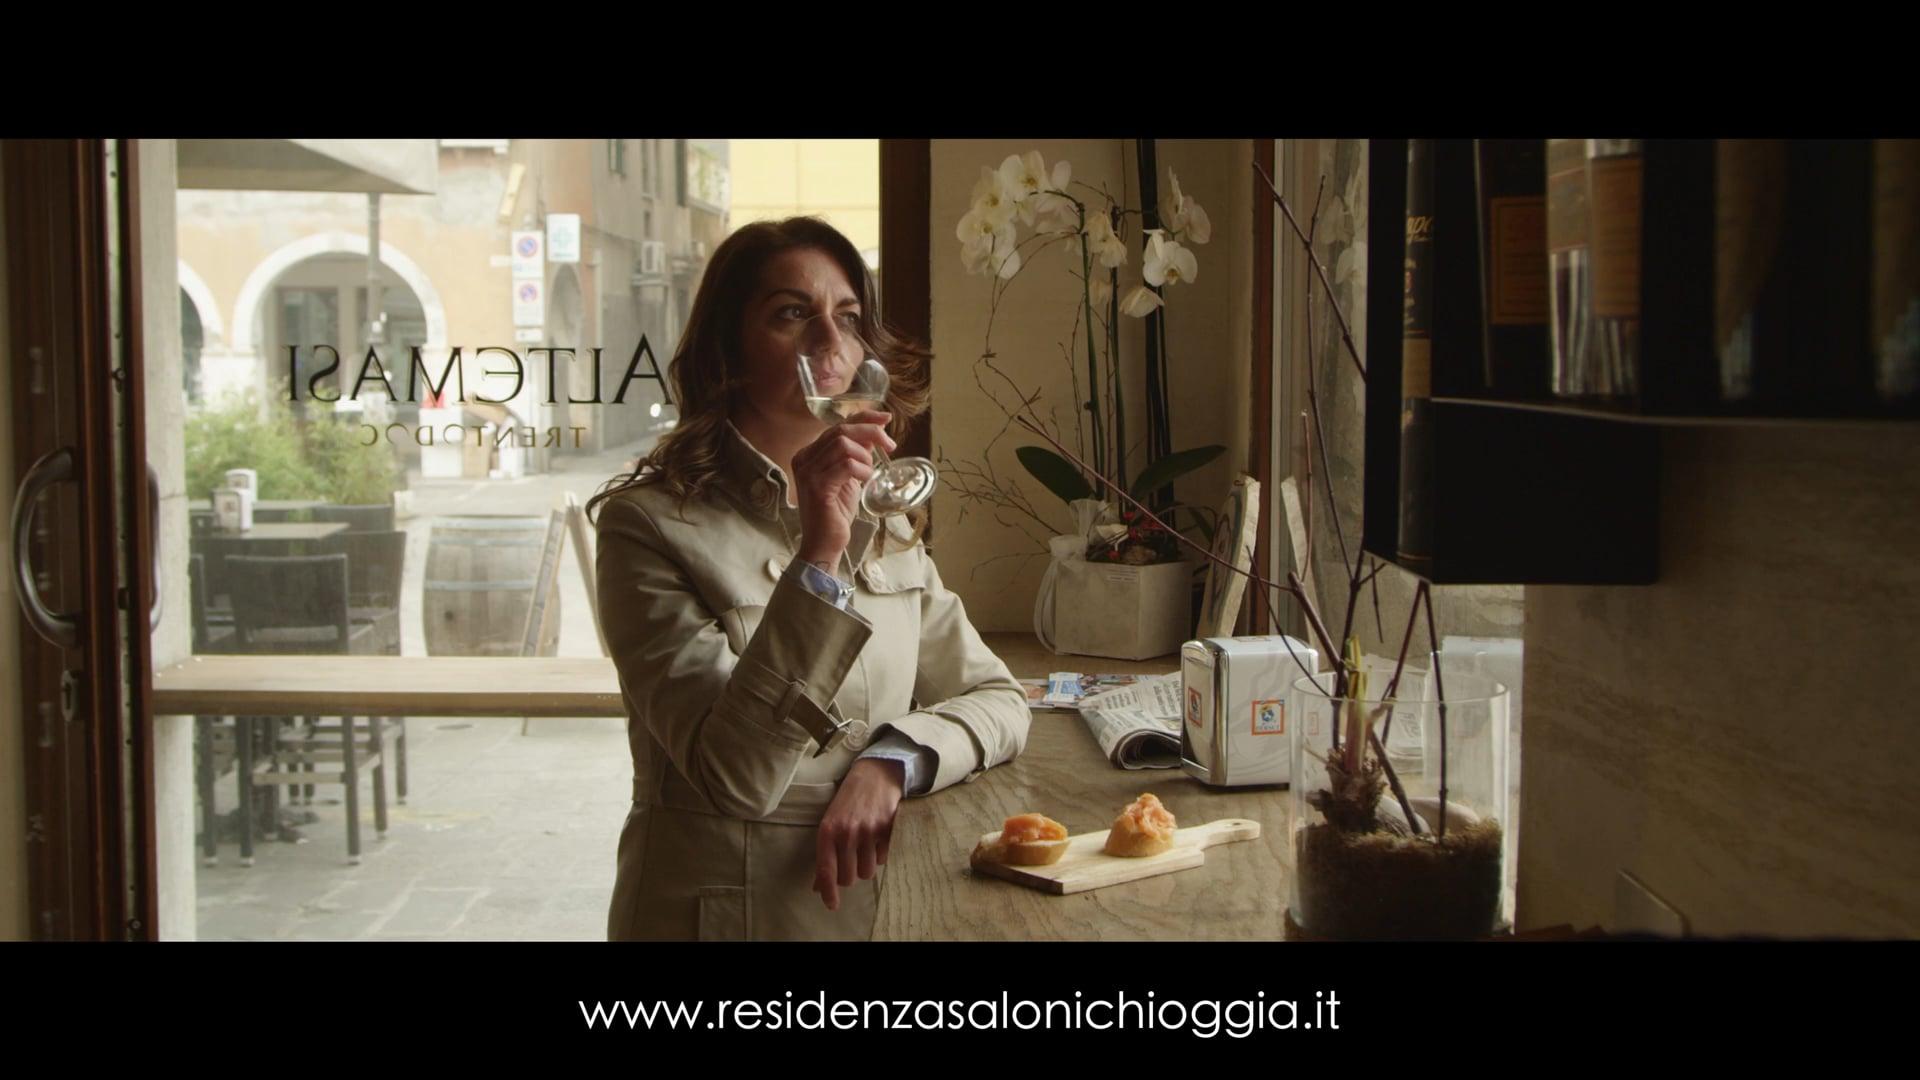 Residenza Saloni Chioggia